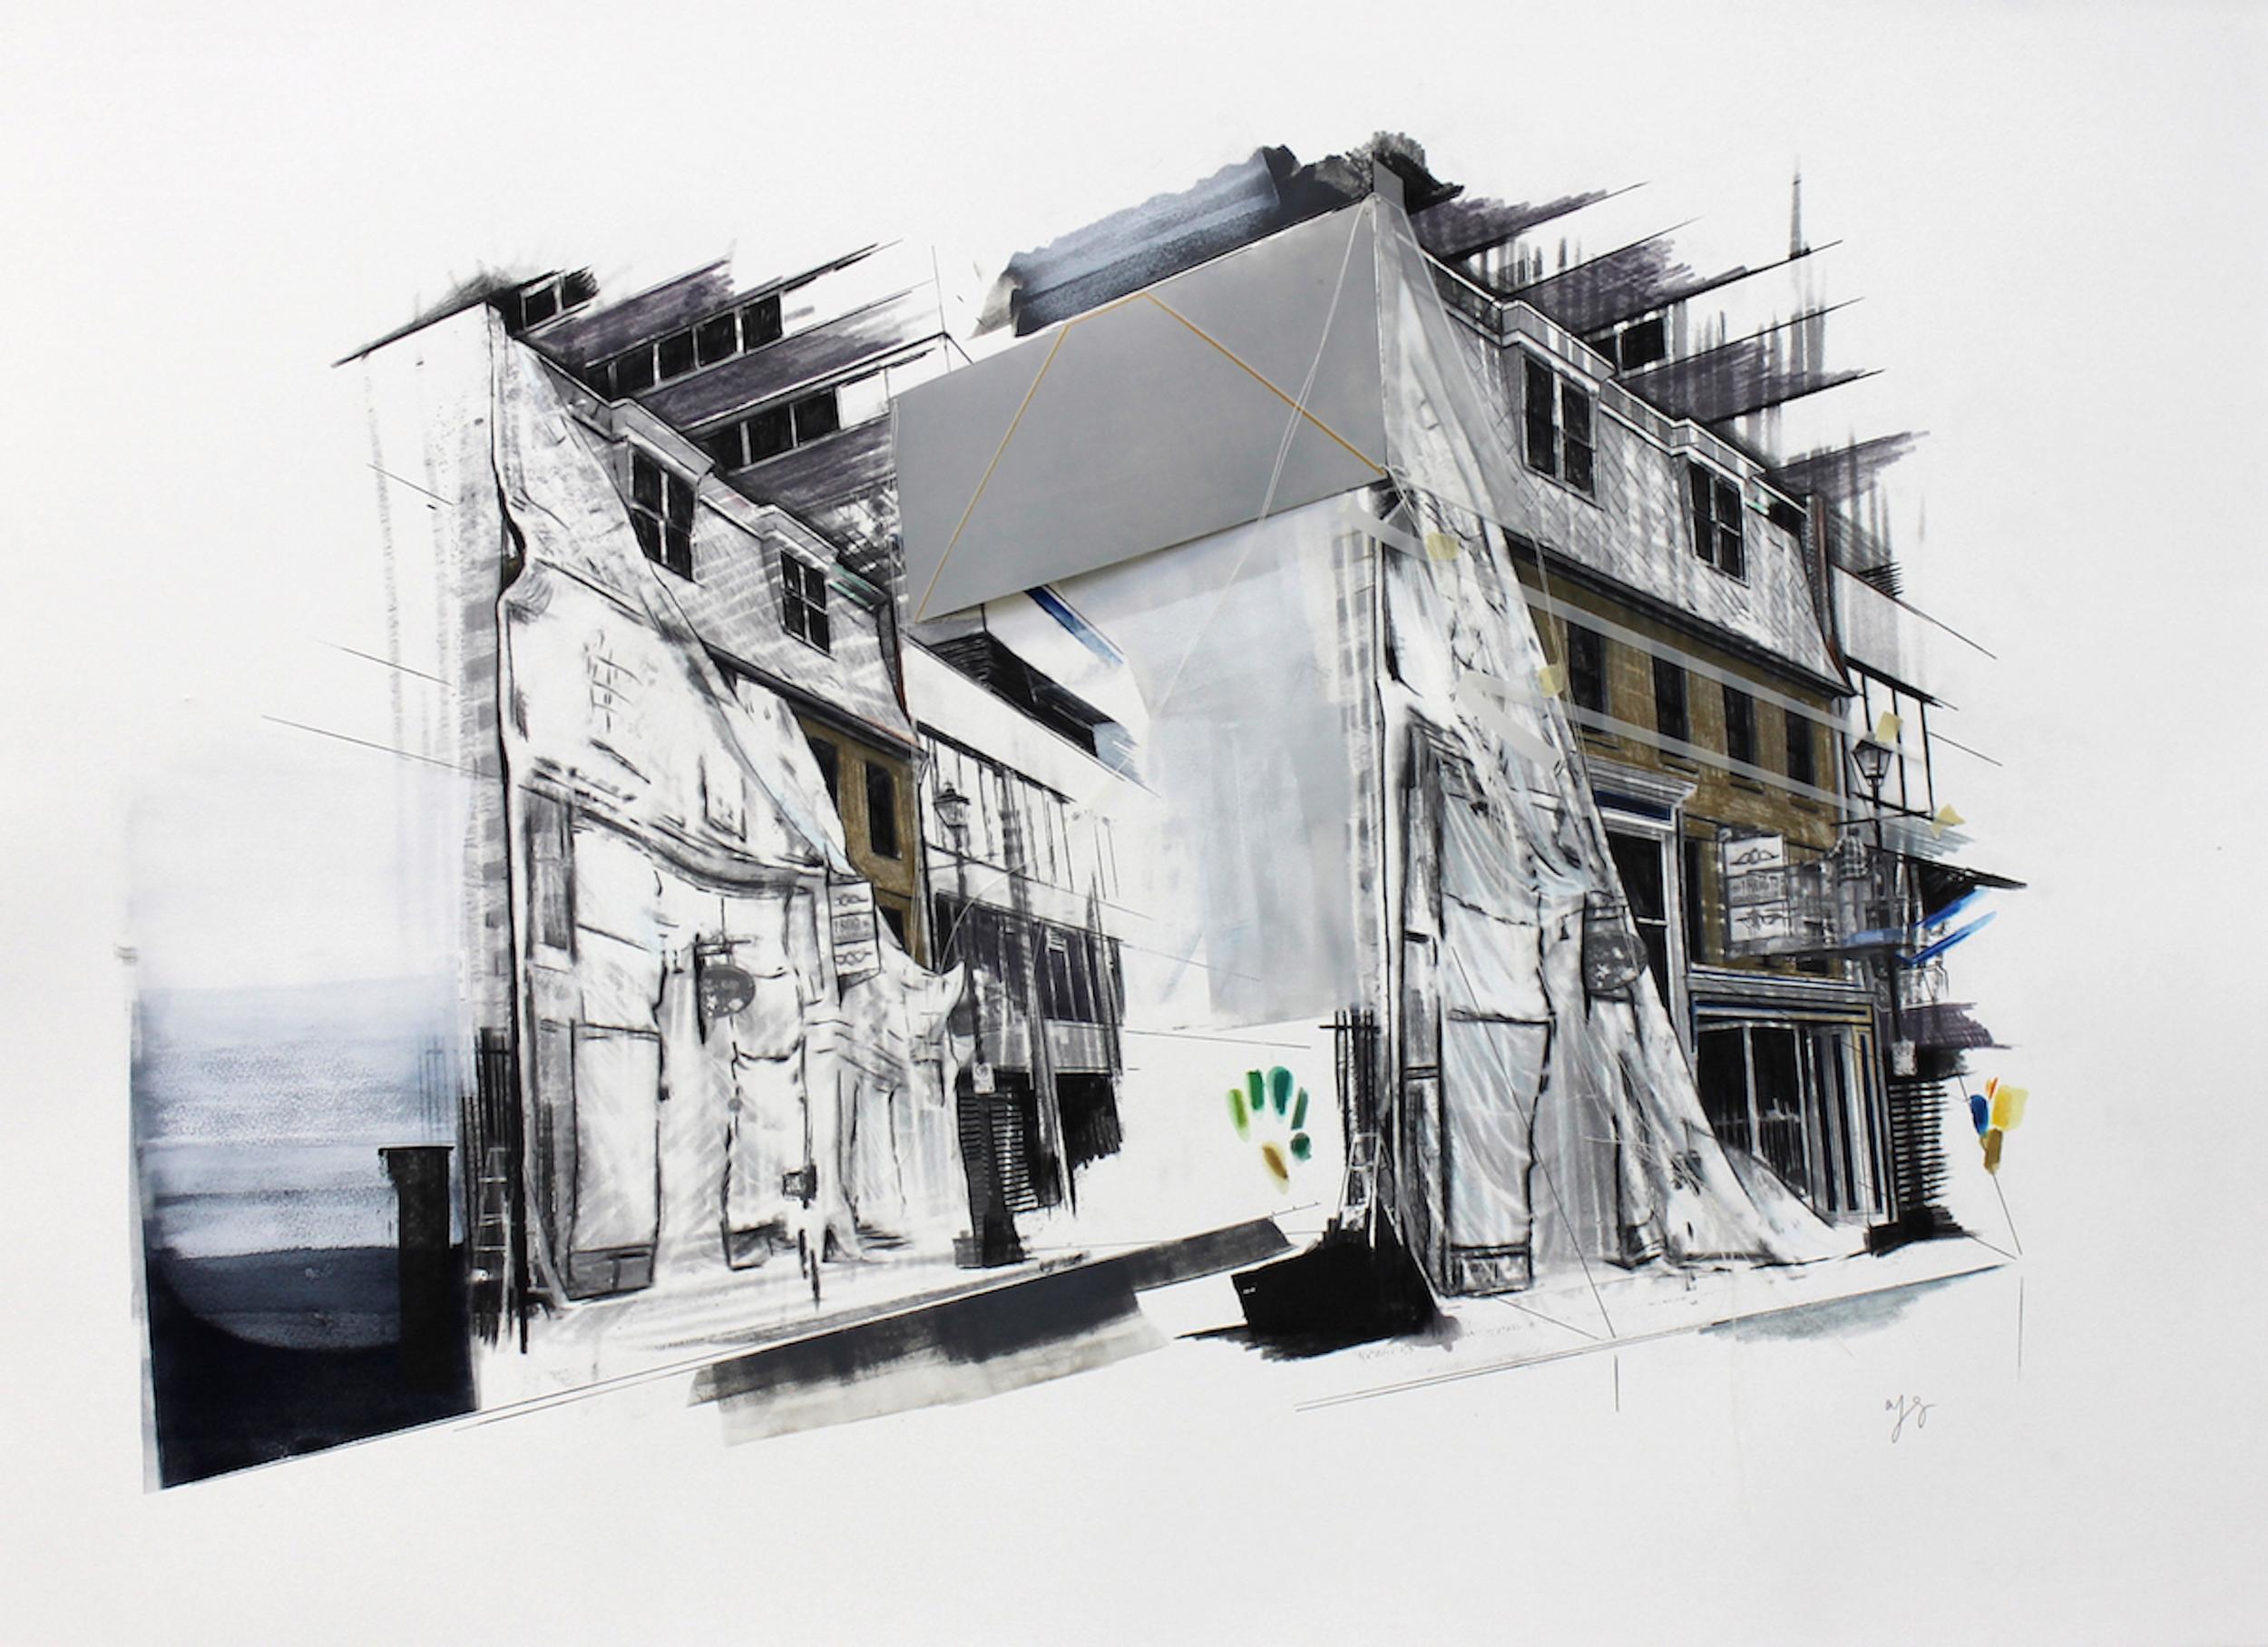 Shroud: The Macara Barnstead Building, 2013